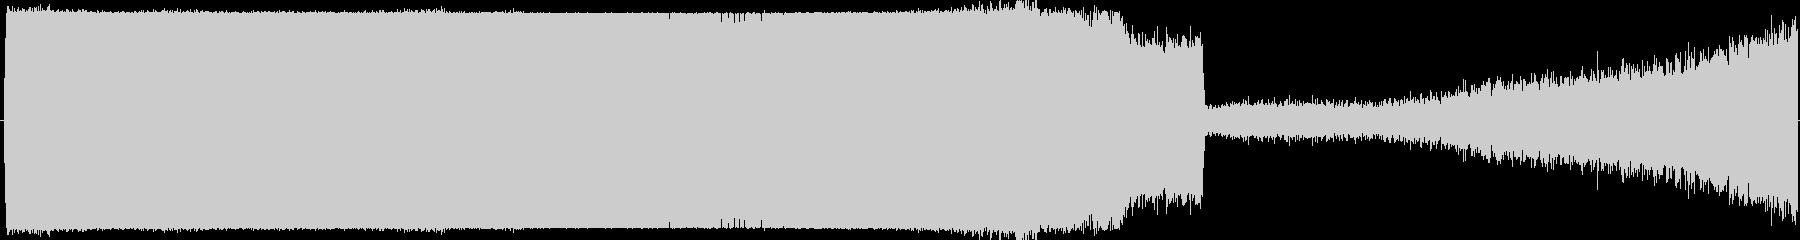 上昇 ホワイトノイズリフトオフ01の未再生の波形